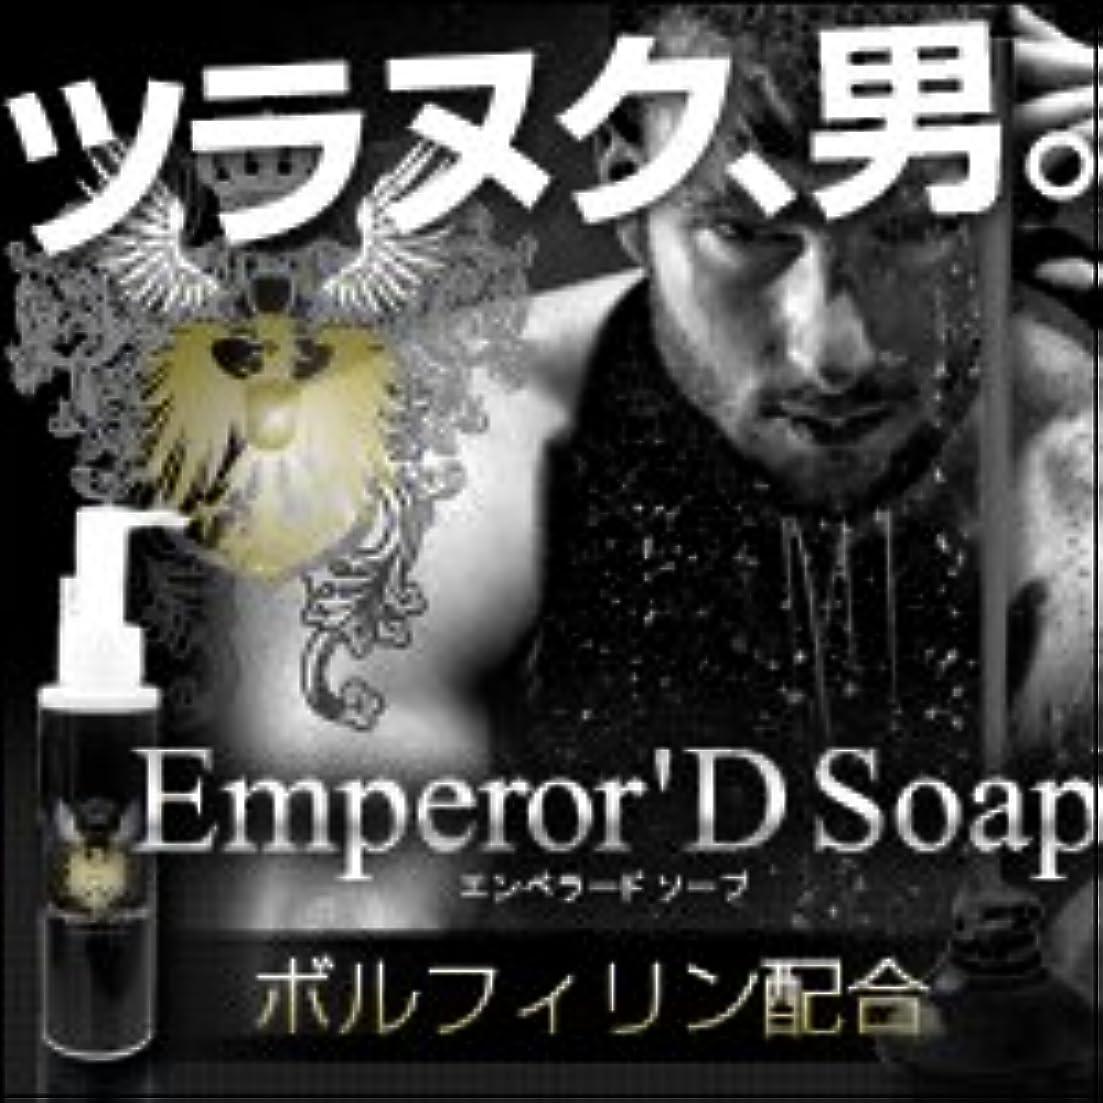 【Emperor'D Soap(エンペラードソープ)】ツラヌク男になる!!!